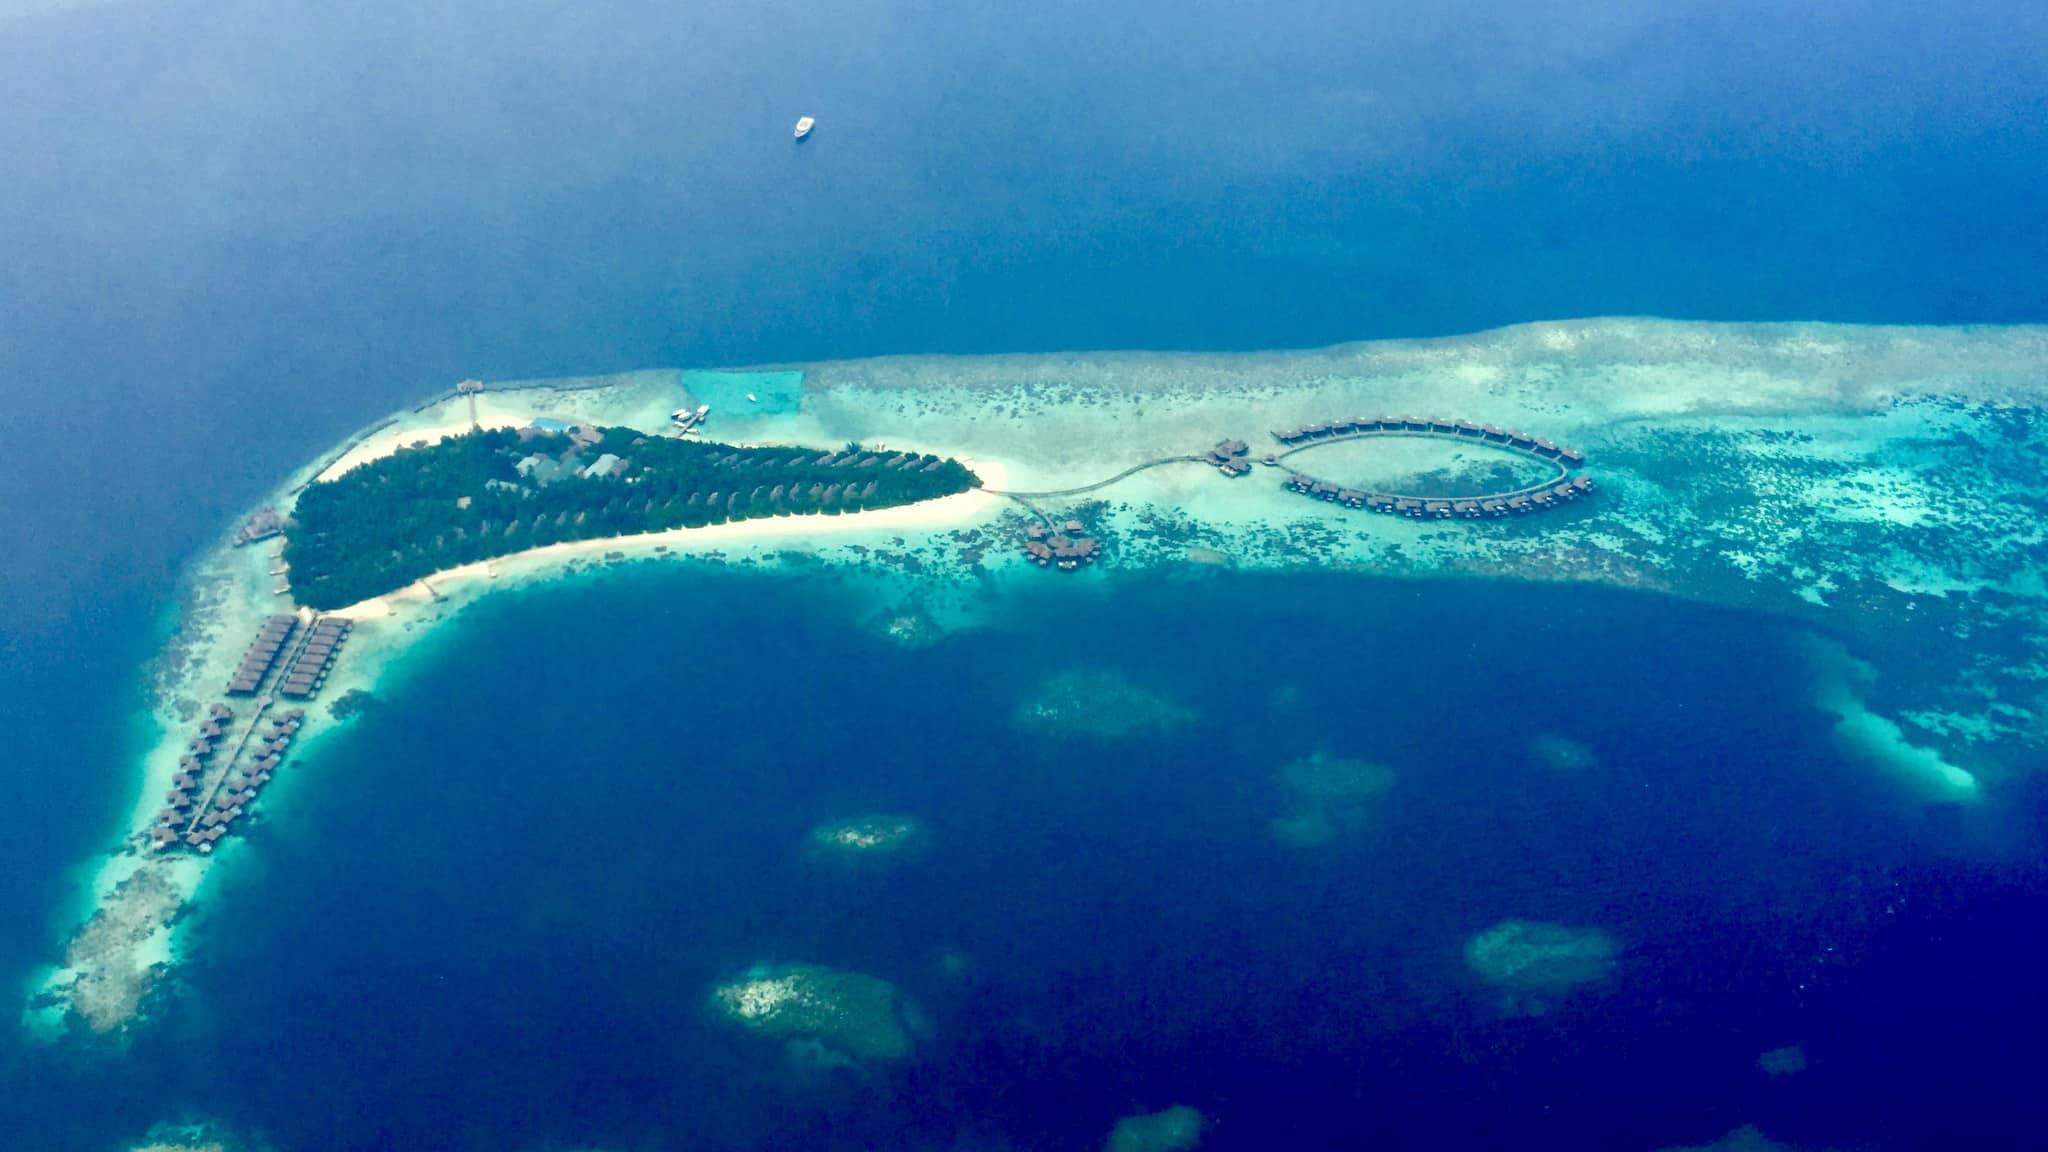 Luftaufnahme von Coco Bodu Hithi: die paradiesische Insel befindet sich im Nord-Malé-Atoll. Foto: Sascha Tegtmeyer